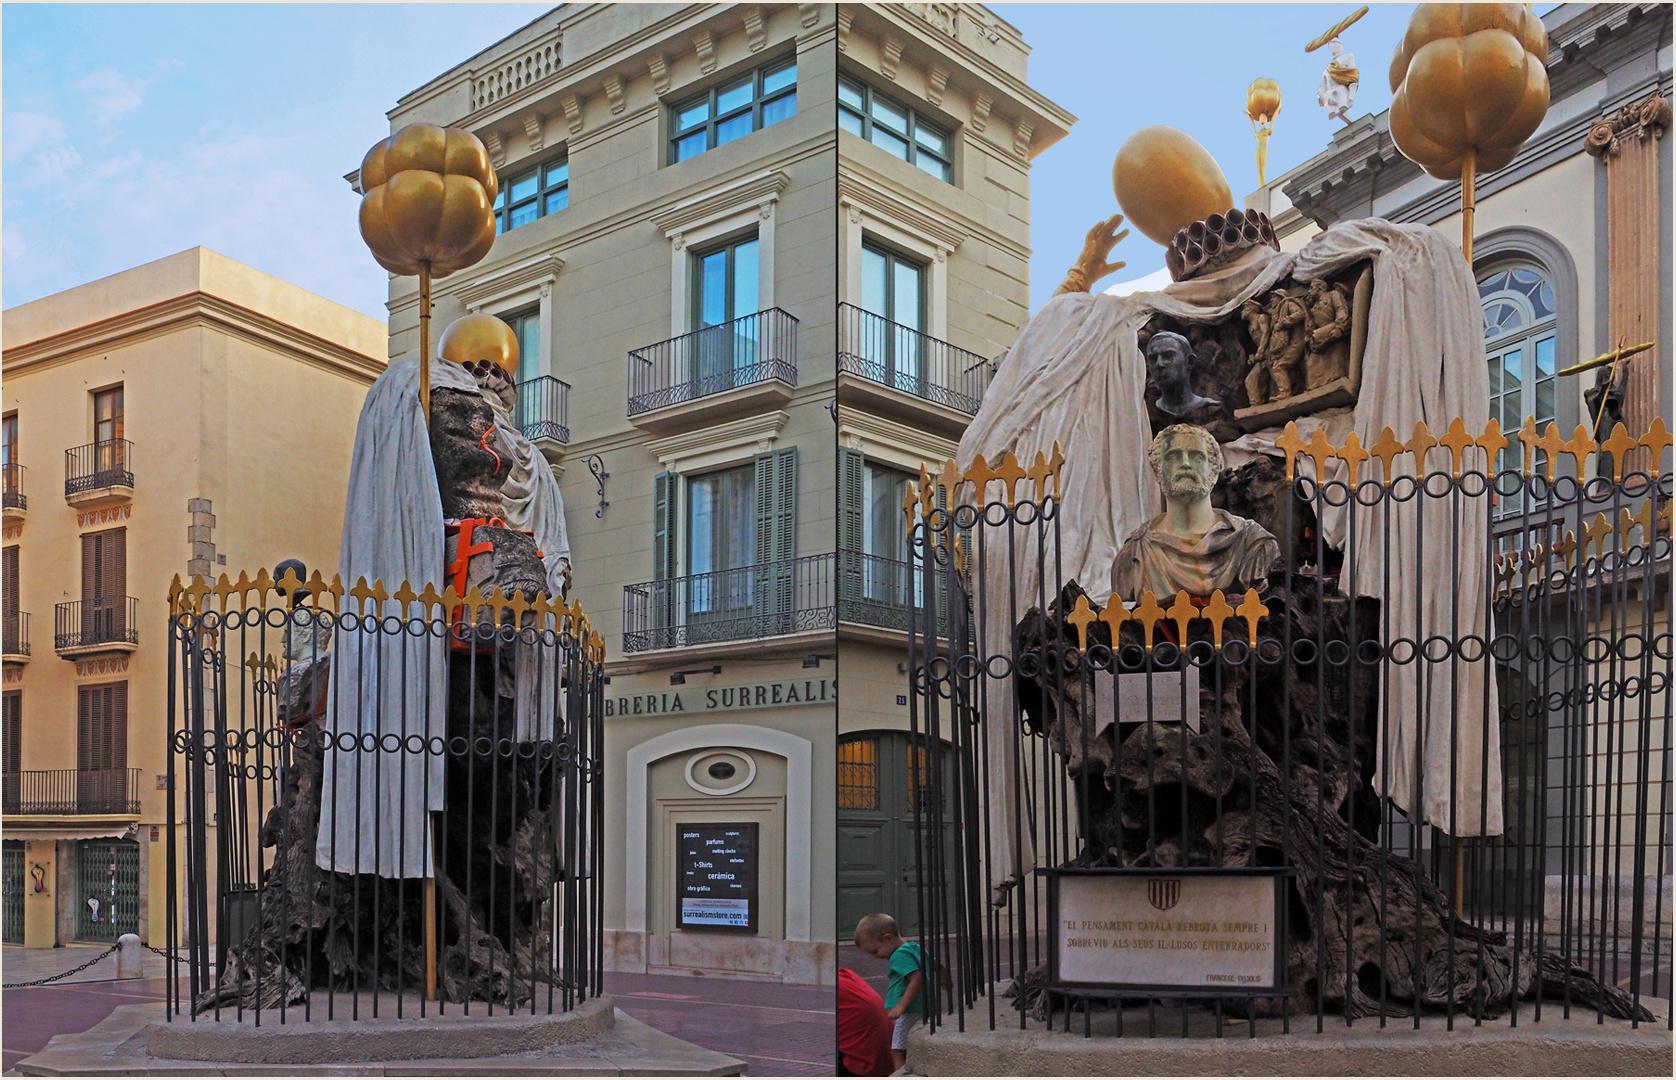 Vues du monument à la gloire de Francesc Pujols...